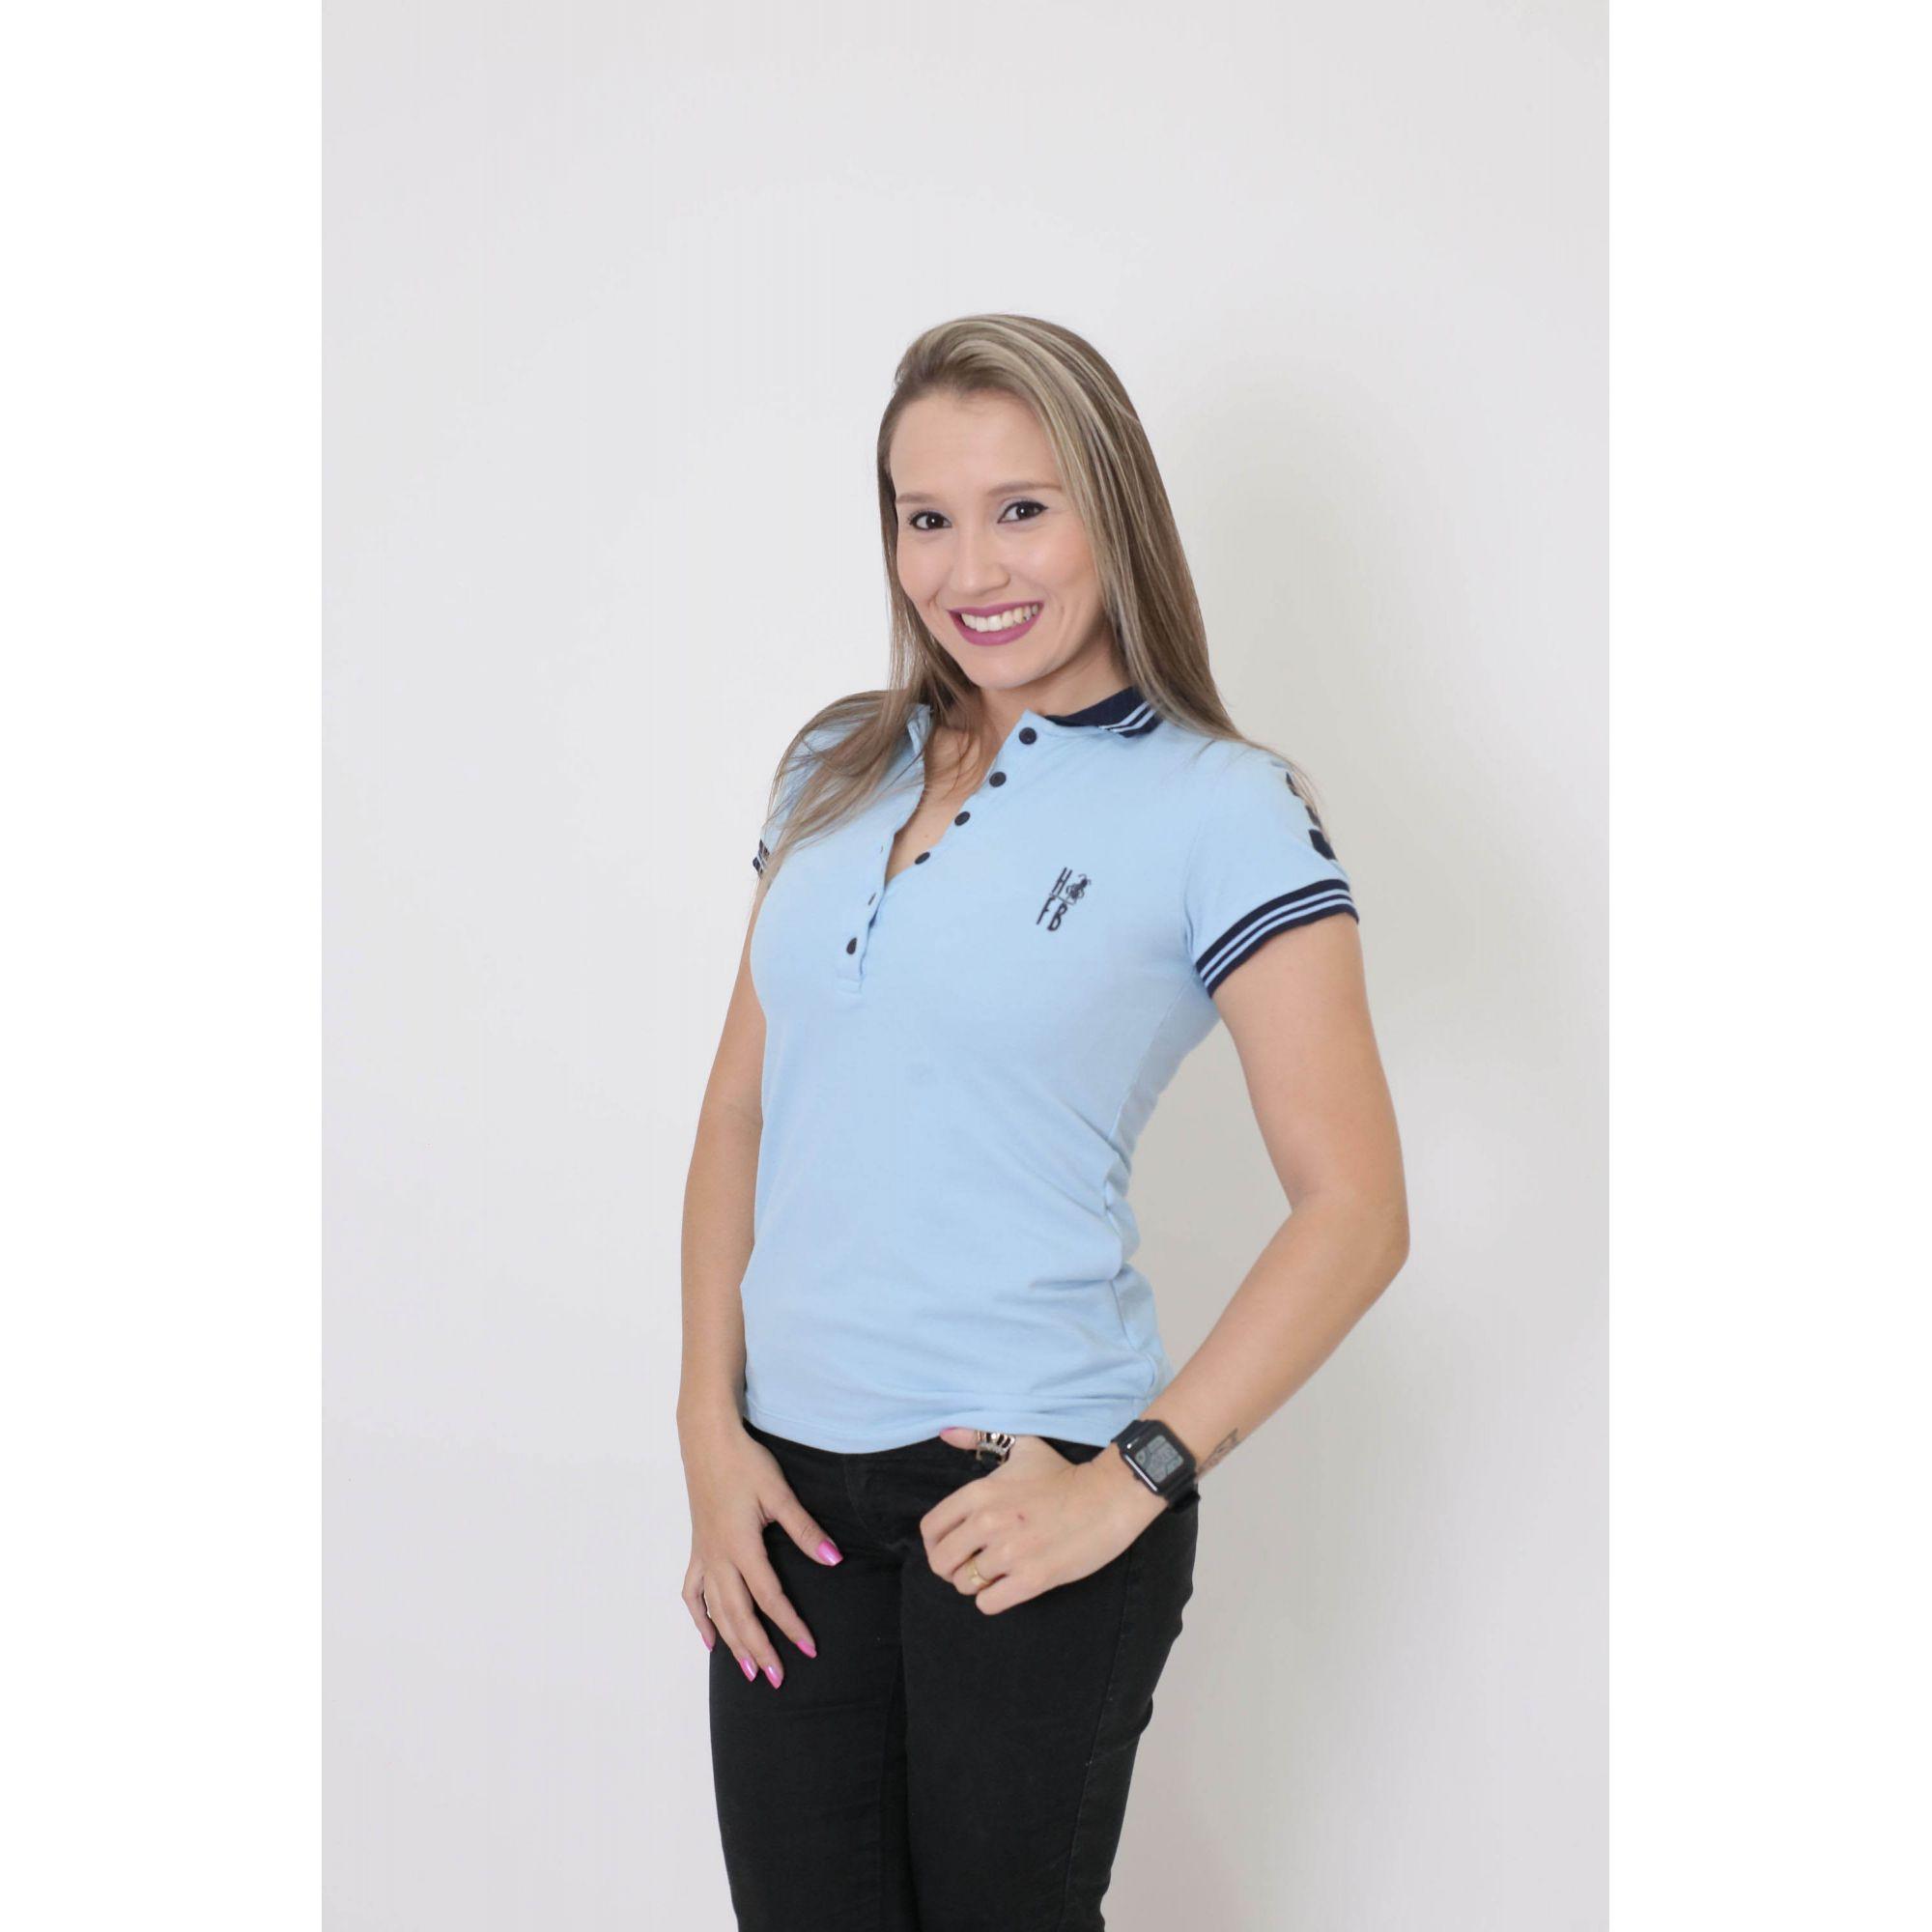 Camisa Polo Feminina Azul Nobreza  - Heitor Fashion Brazil